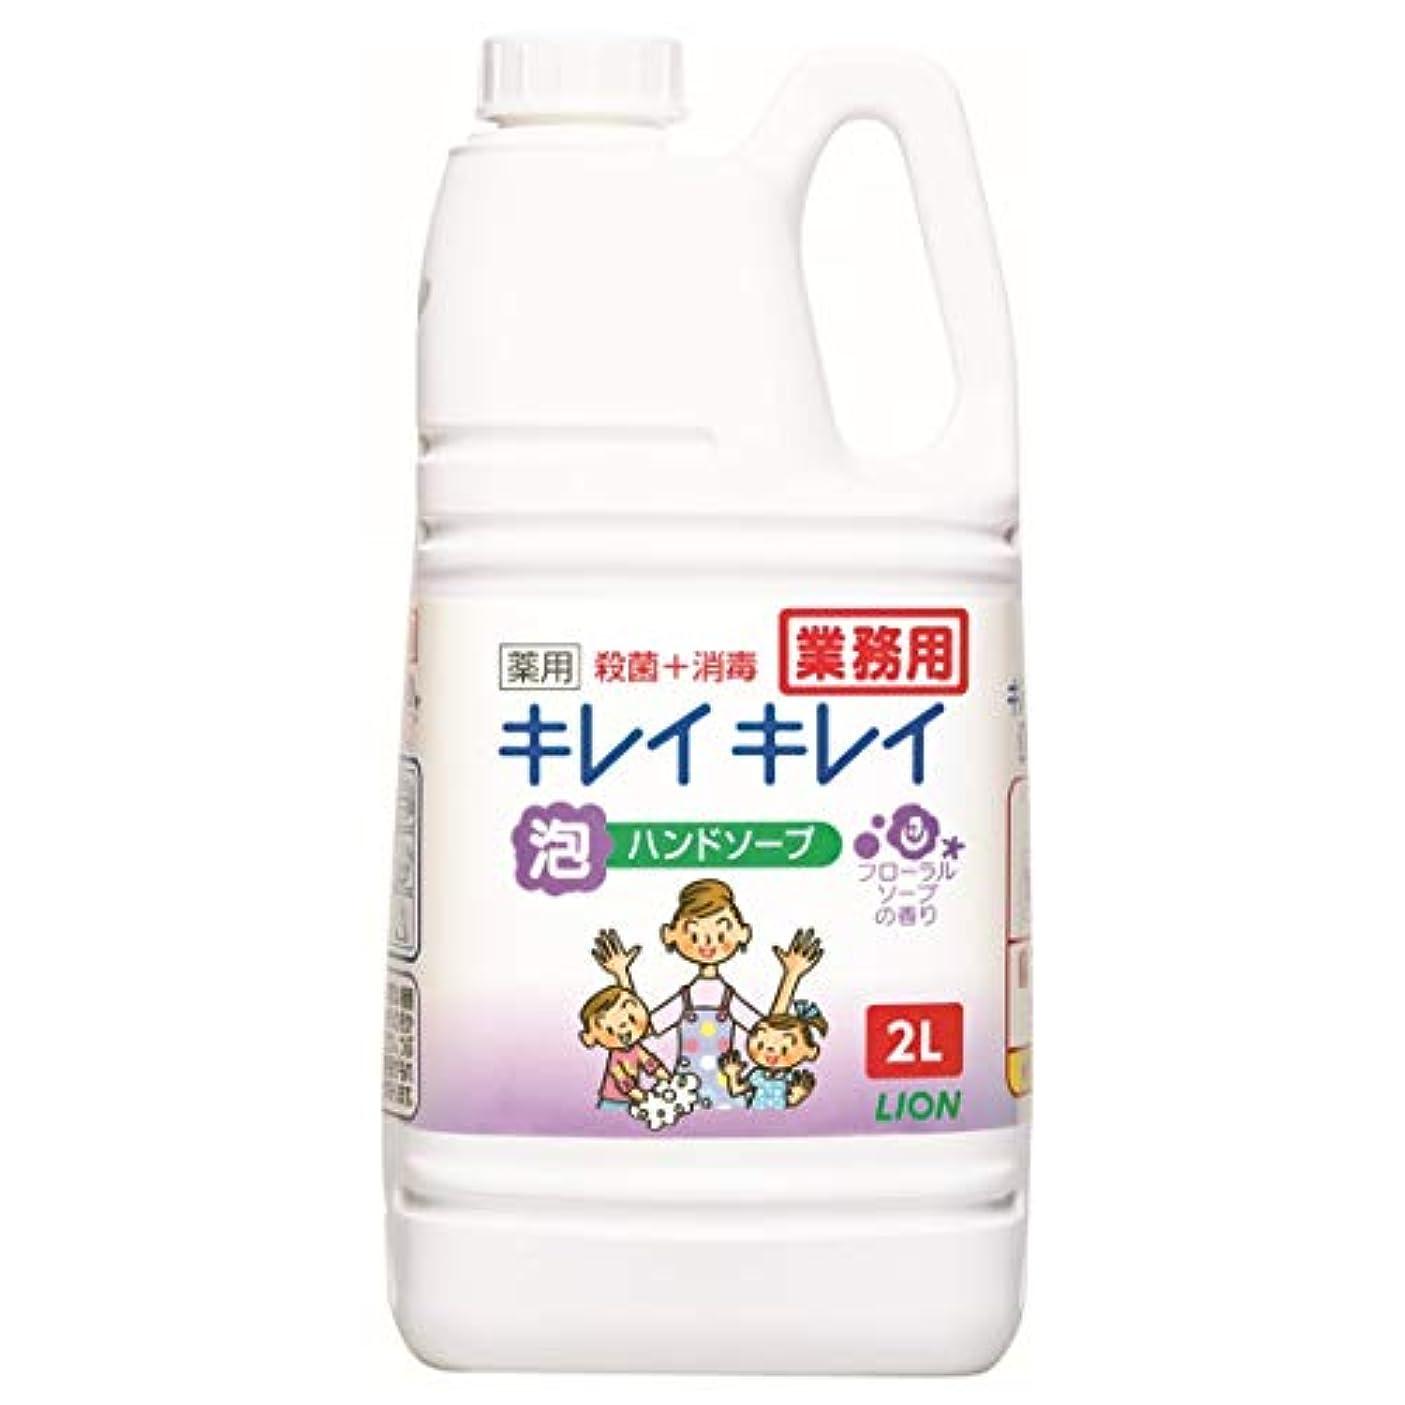 機関抑制混乱【大容量】キレイキレイ 薬用泡ハンドソープ フローラルソープの香り 2L